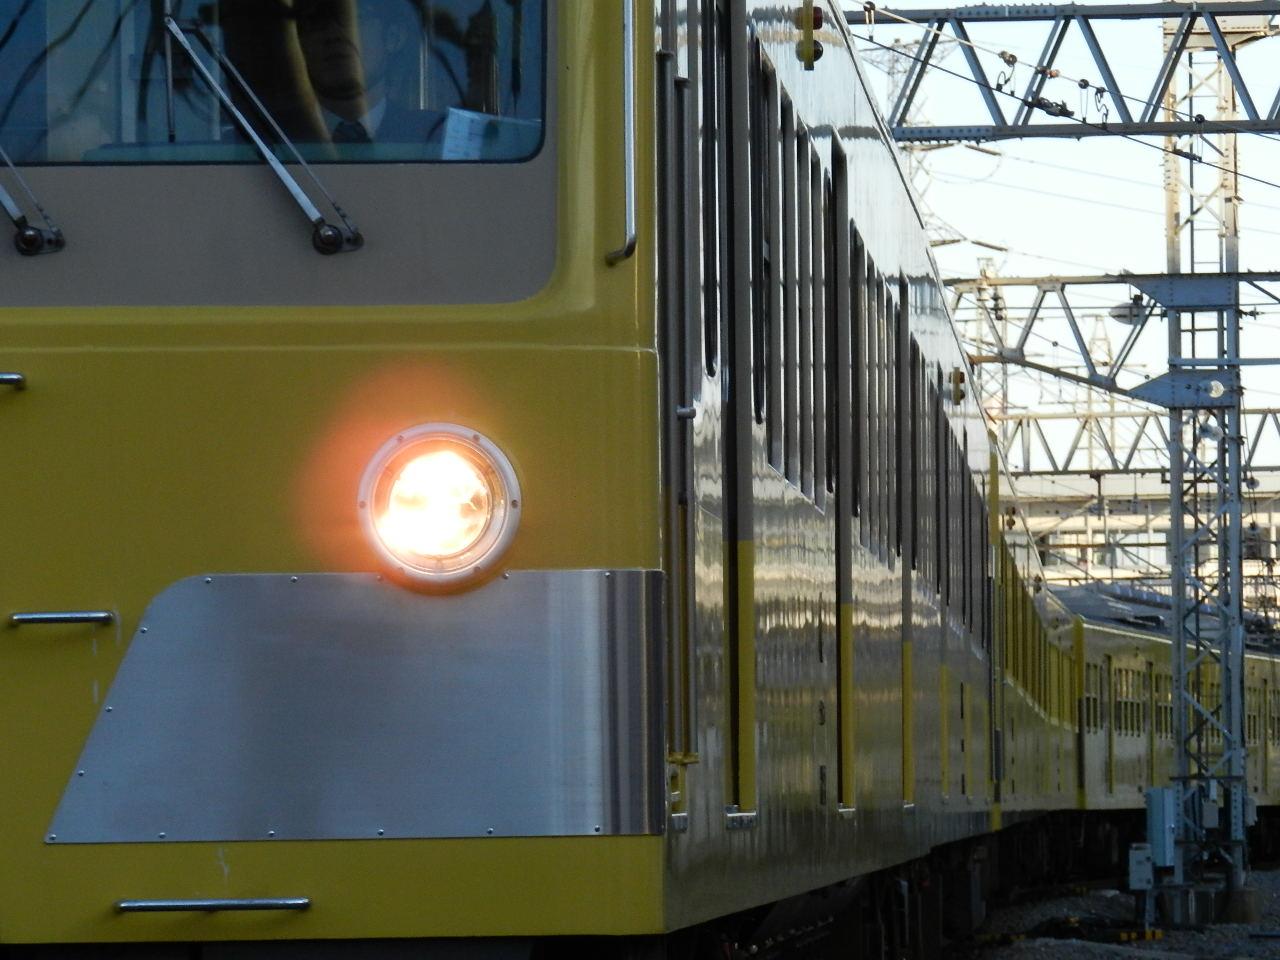 DSCN7970.jpg